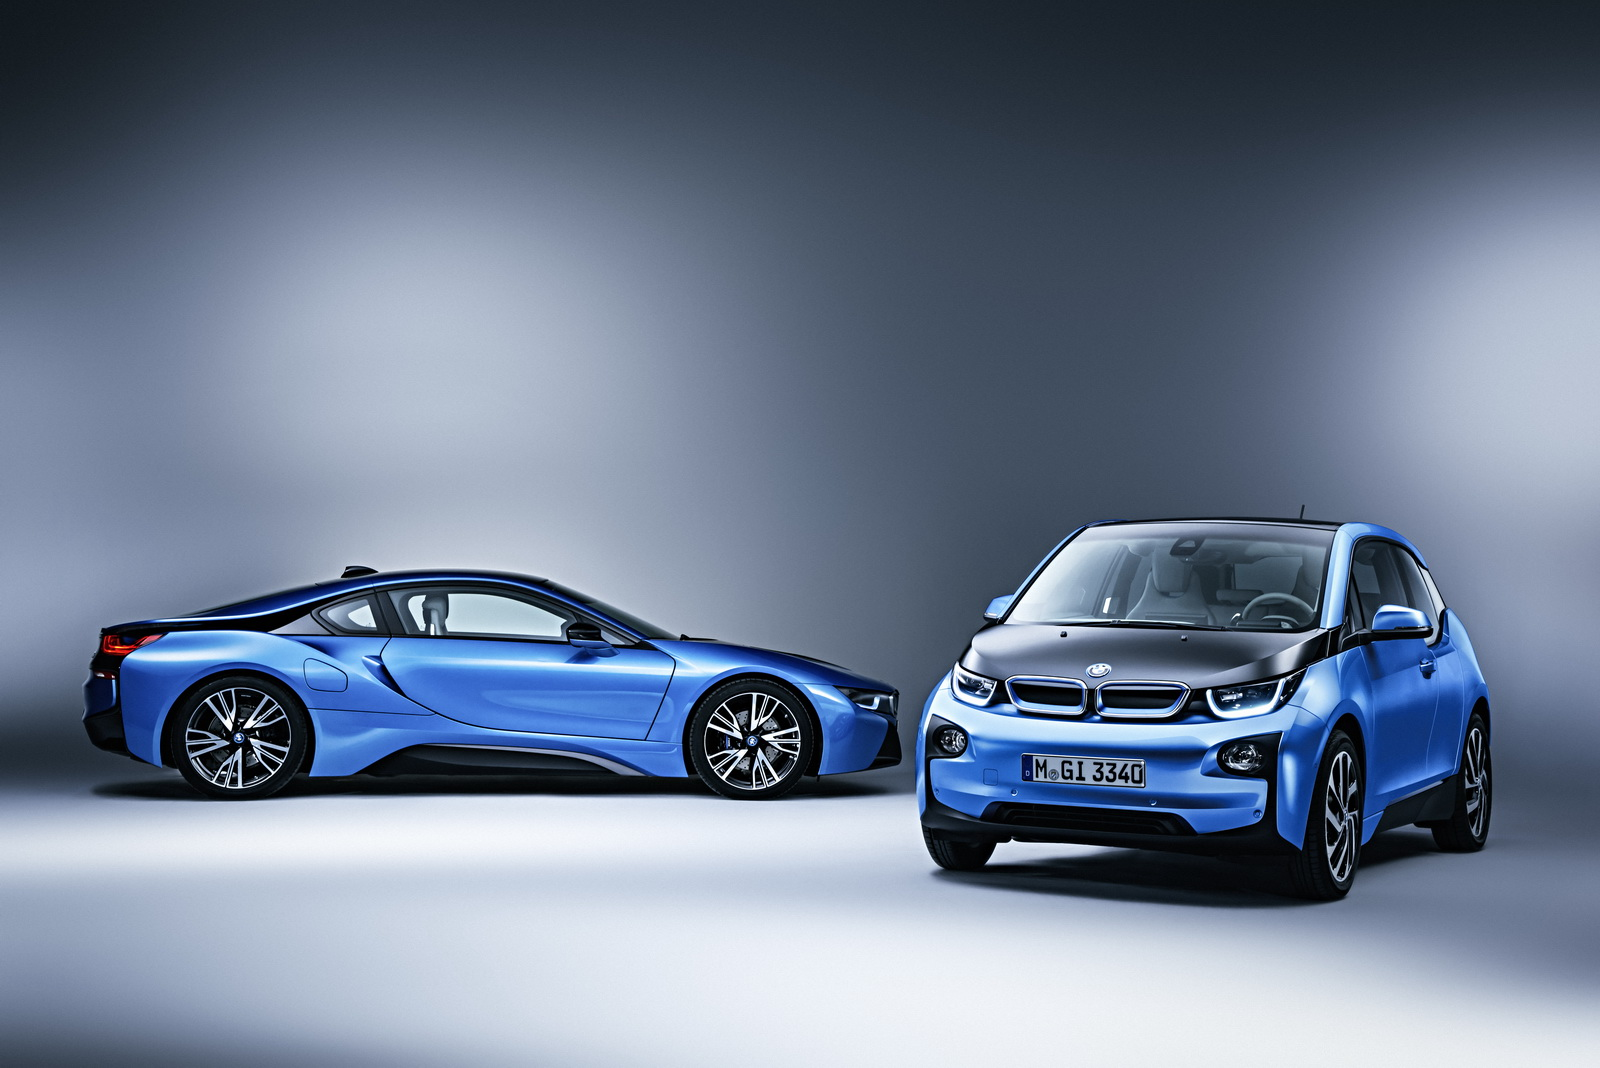 Siêu xế điện BMW i3 2017 chính thức ra mắt